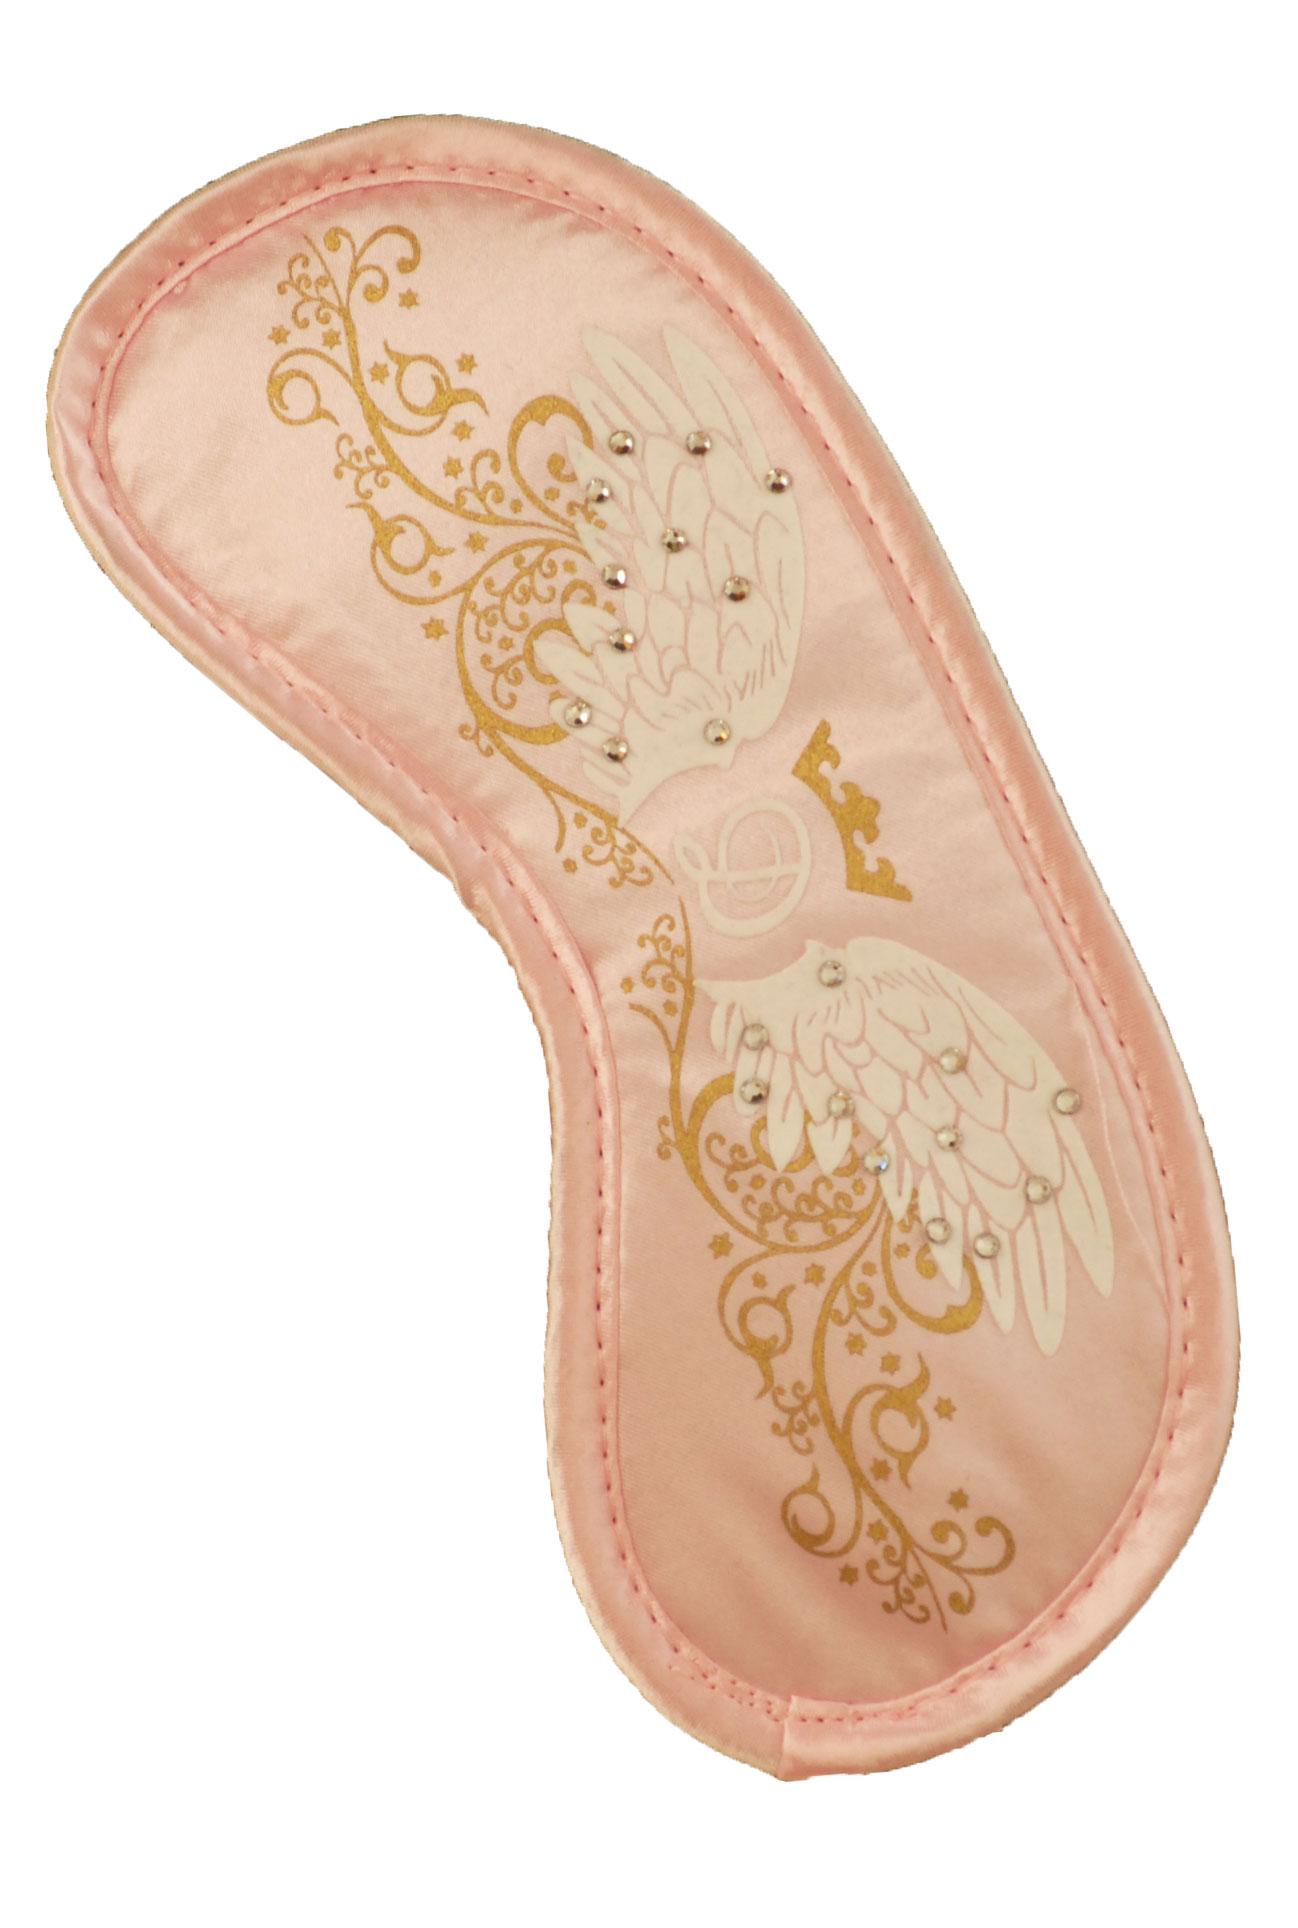 Maska na spaní - Swarovski crystal růžová